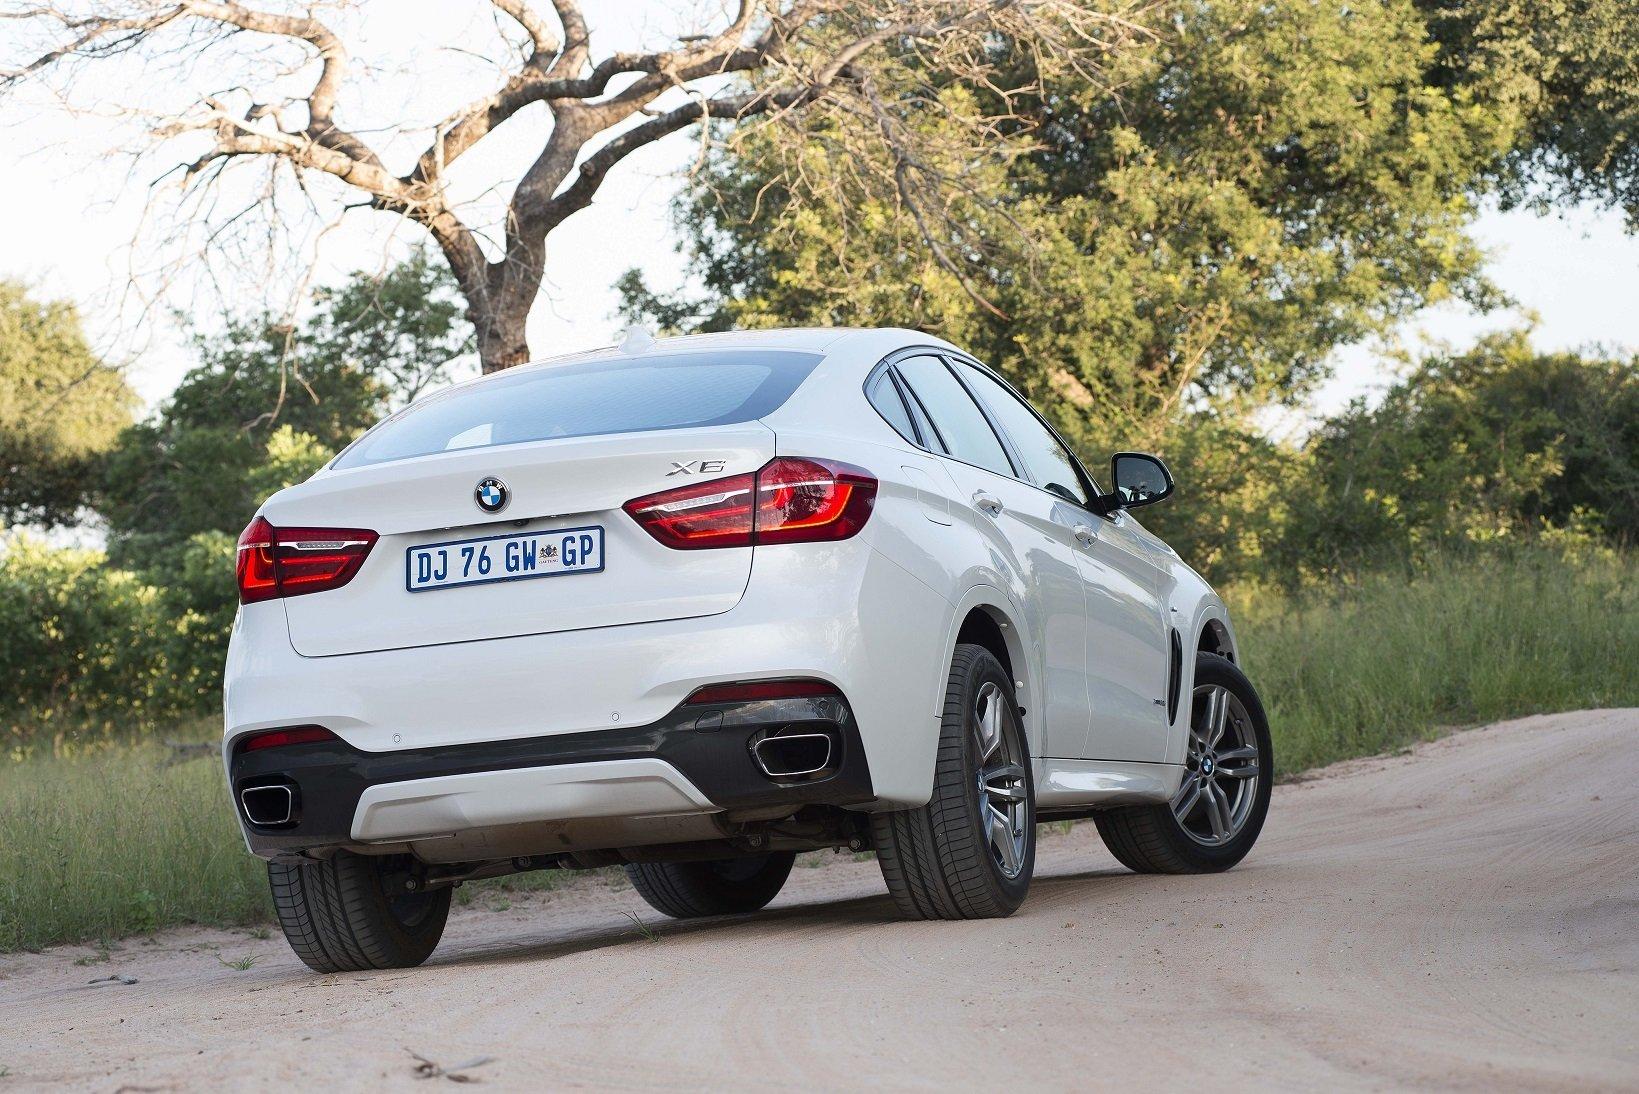 Xdrive50i m Sport Edition Bmw x6 Xdrive50i m Sport